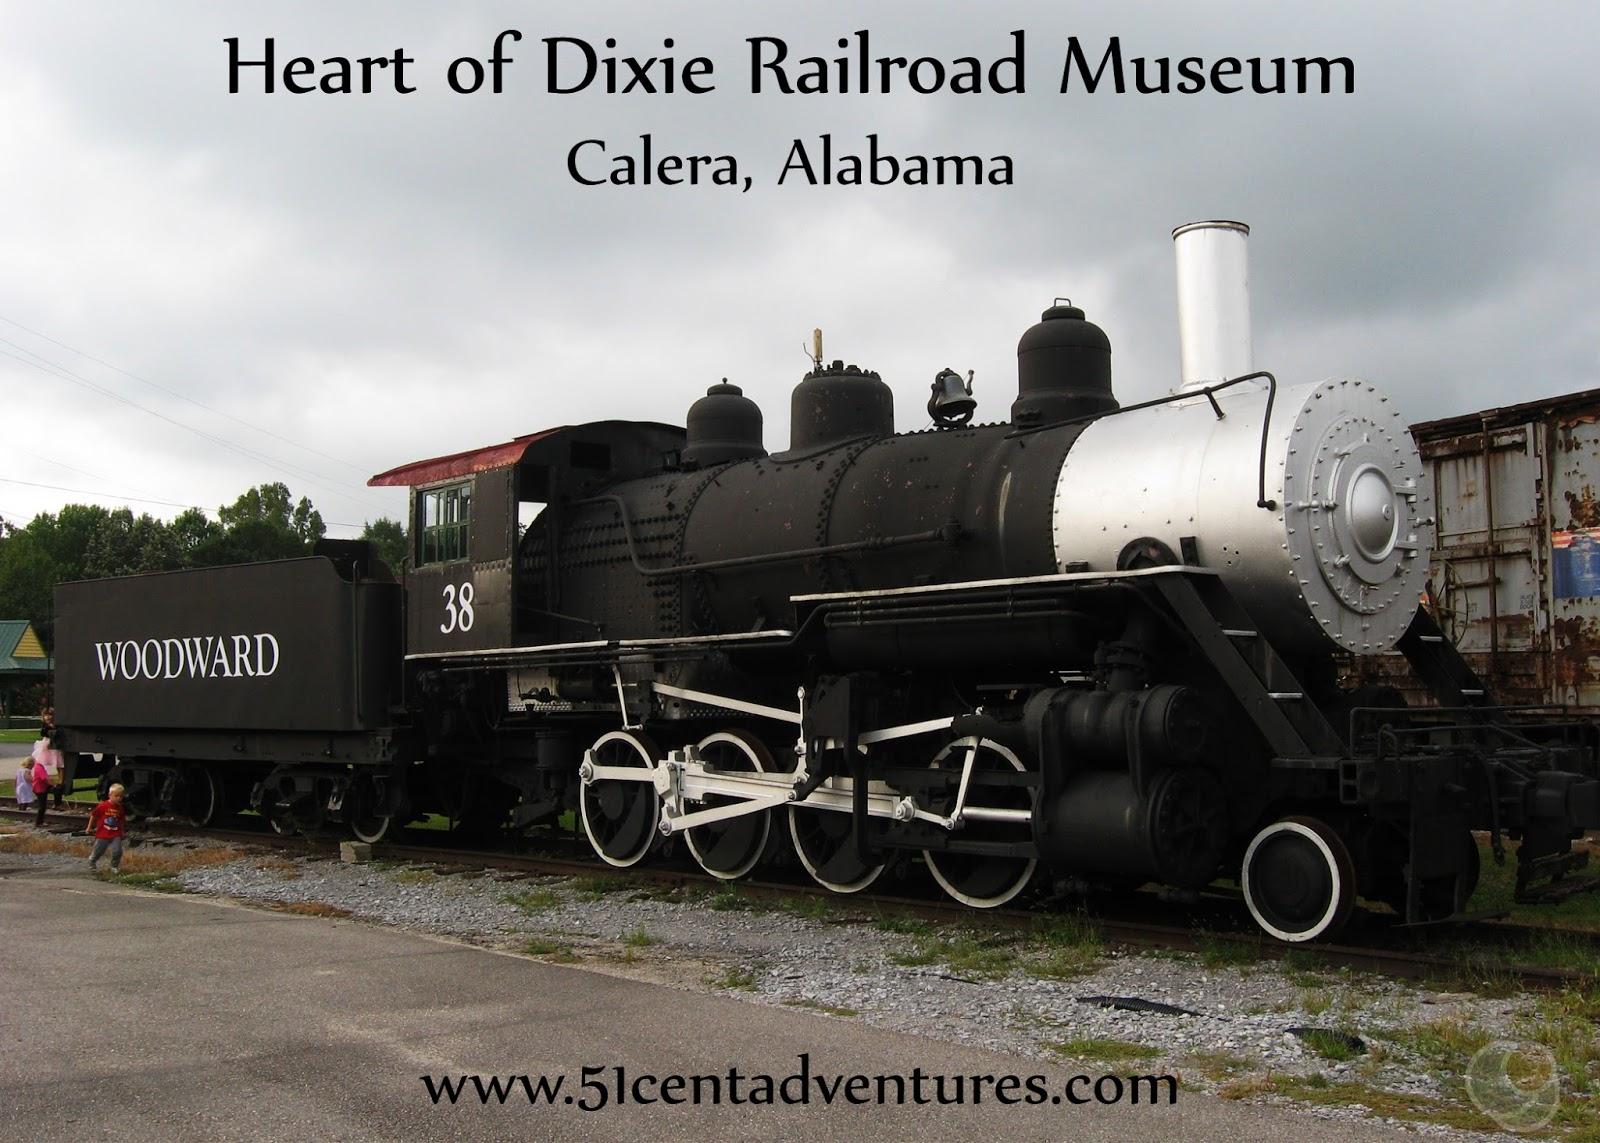 51 Cent Adventures: Heart of Dixie Railroad Museum - Calera